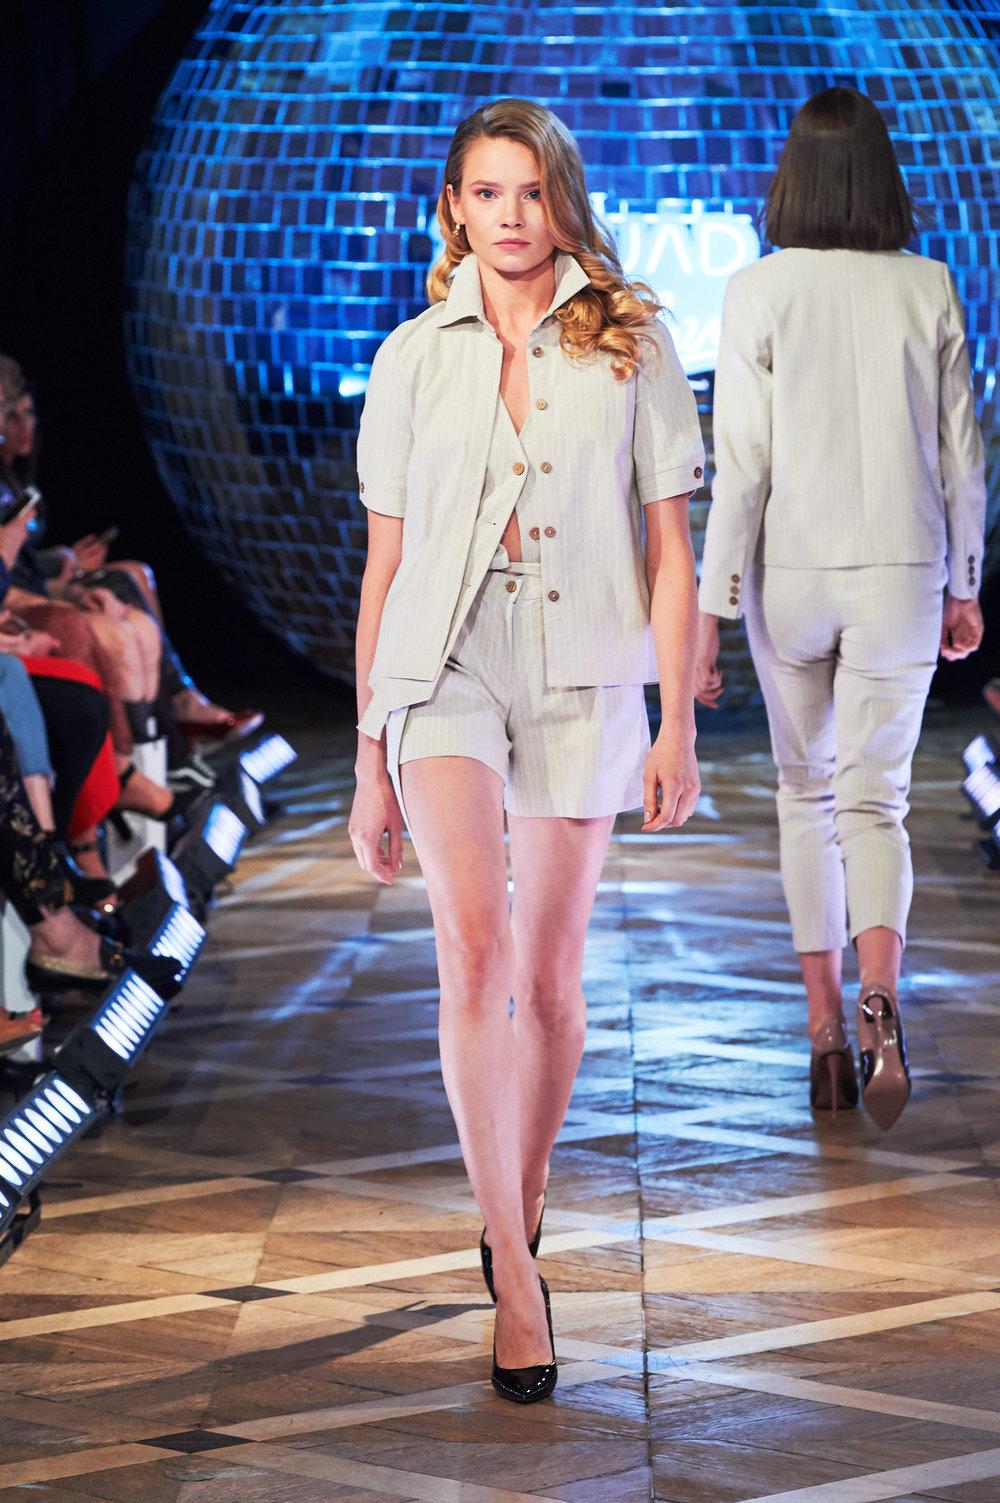 20_ZAQUAD_090519_lowres-fotFilipOkopny-FashionImages.jpg